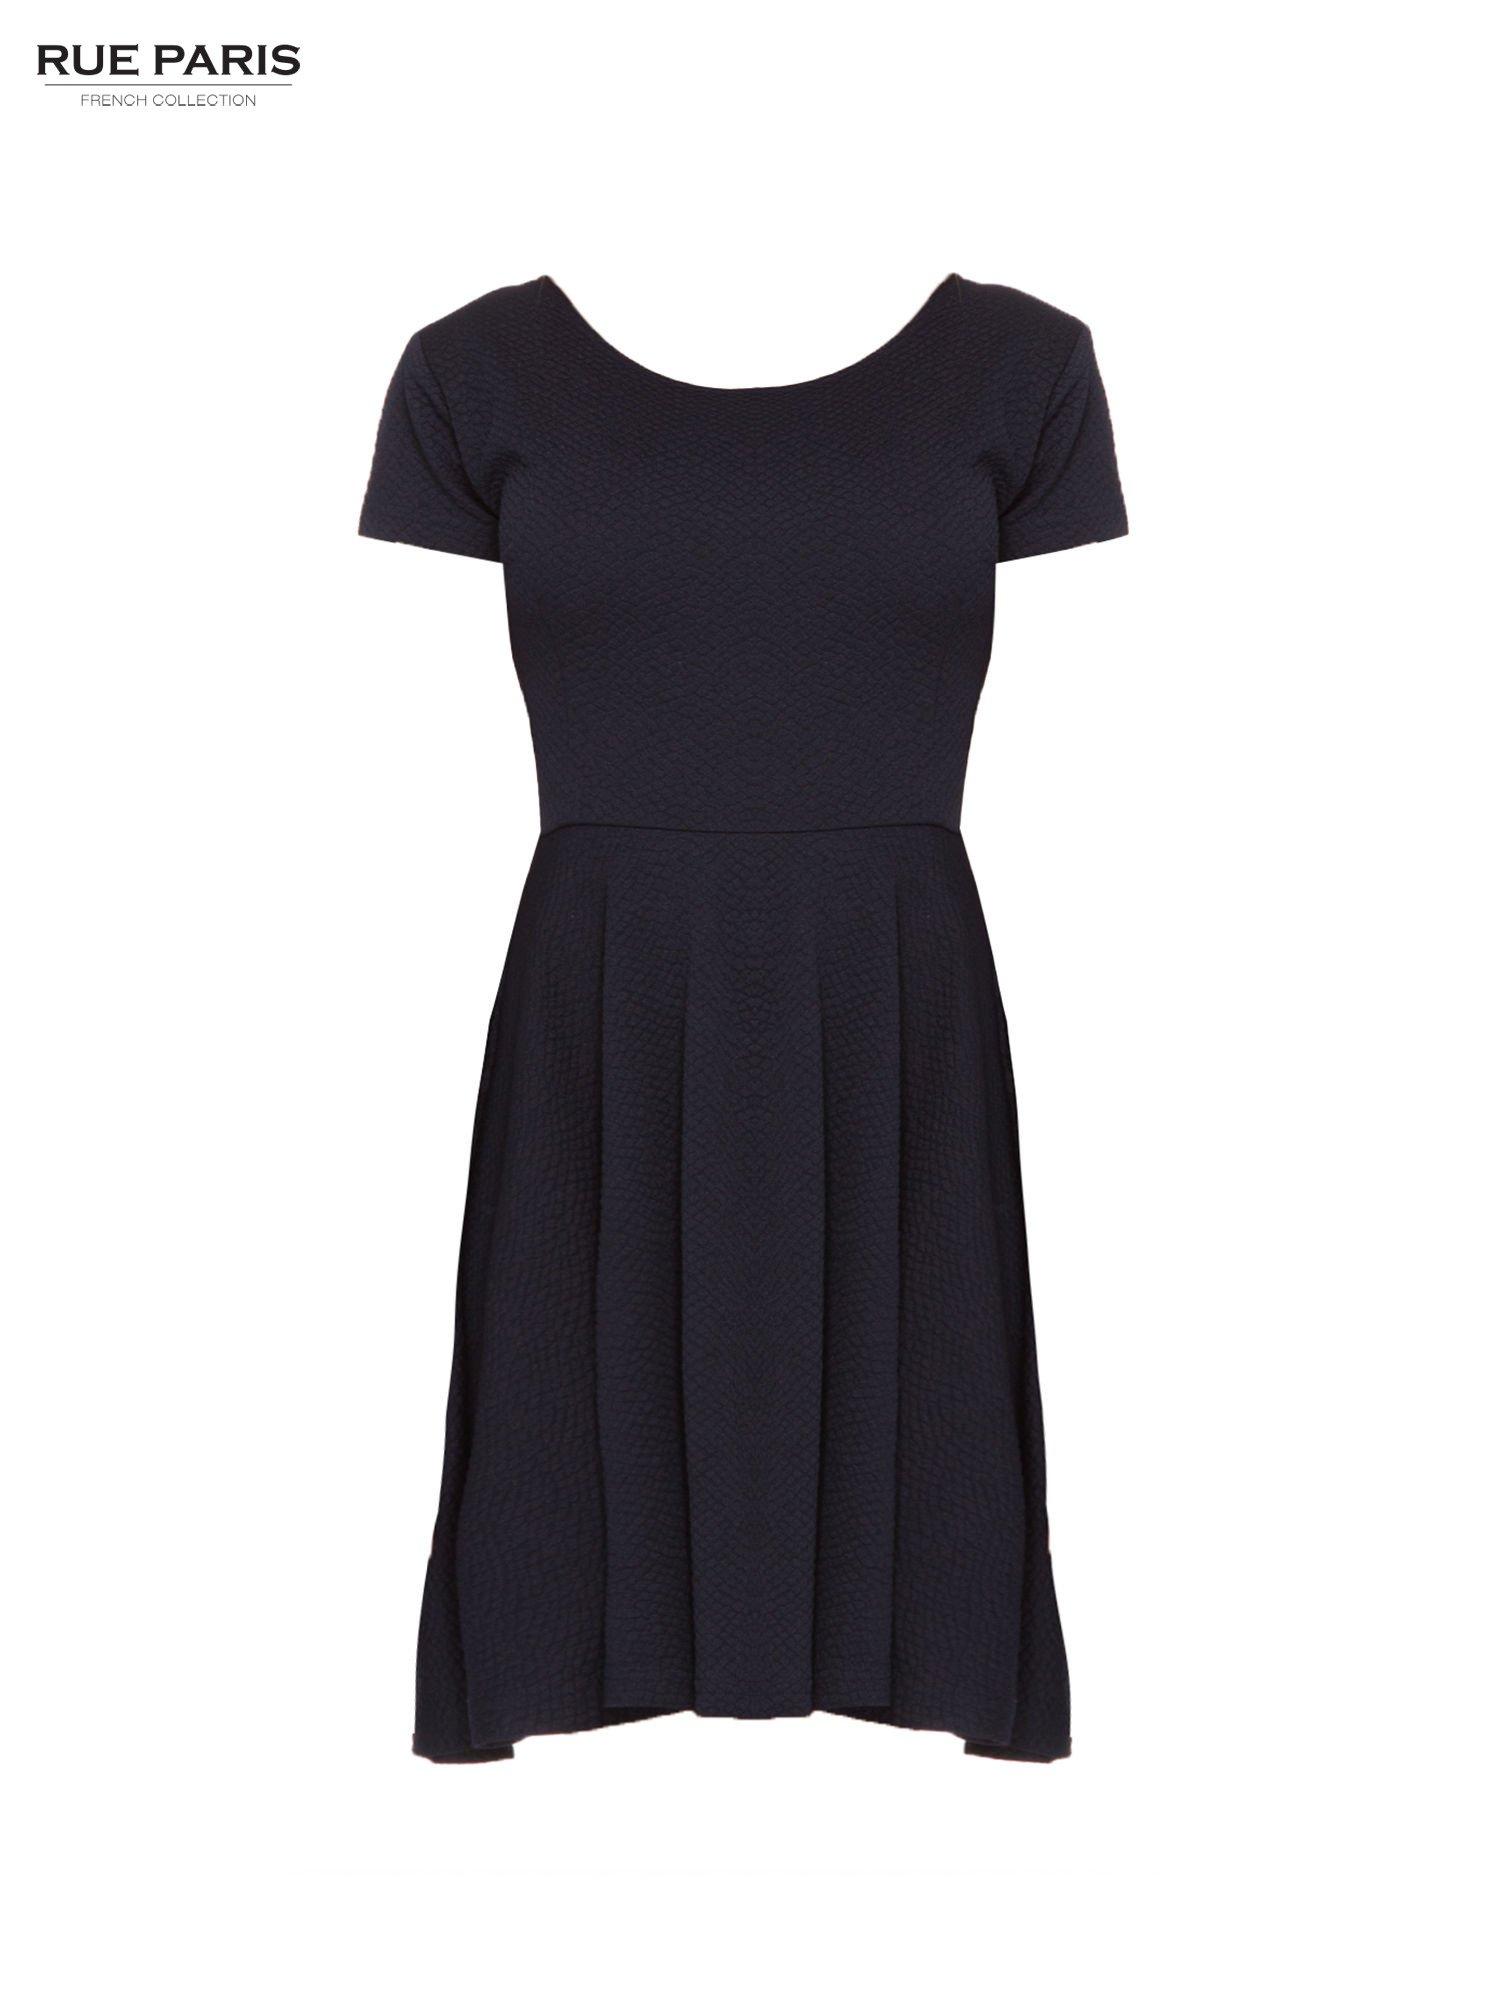 Granatowa fakturowana sukienka z zakładkami i zamkiem z tyłu                                  zdj.                                  5